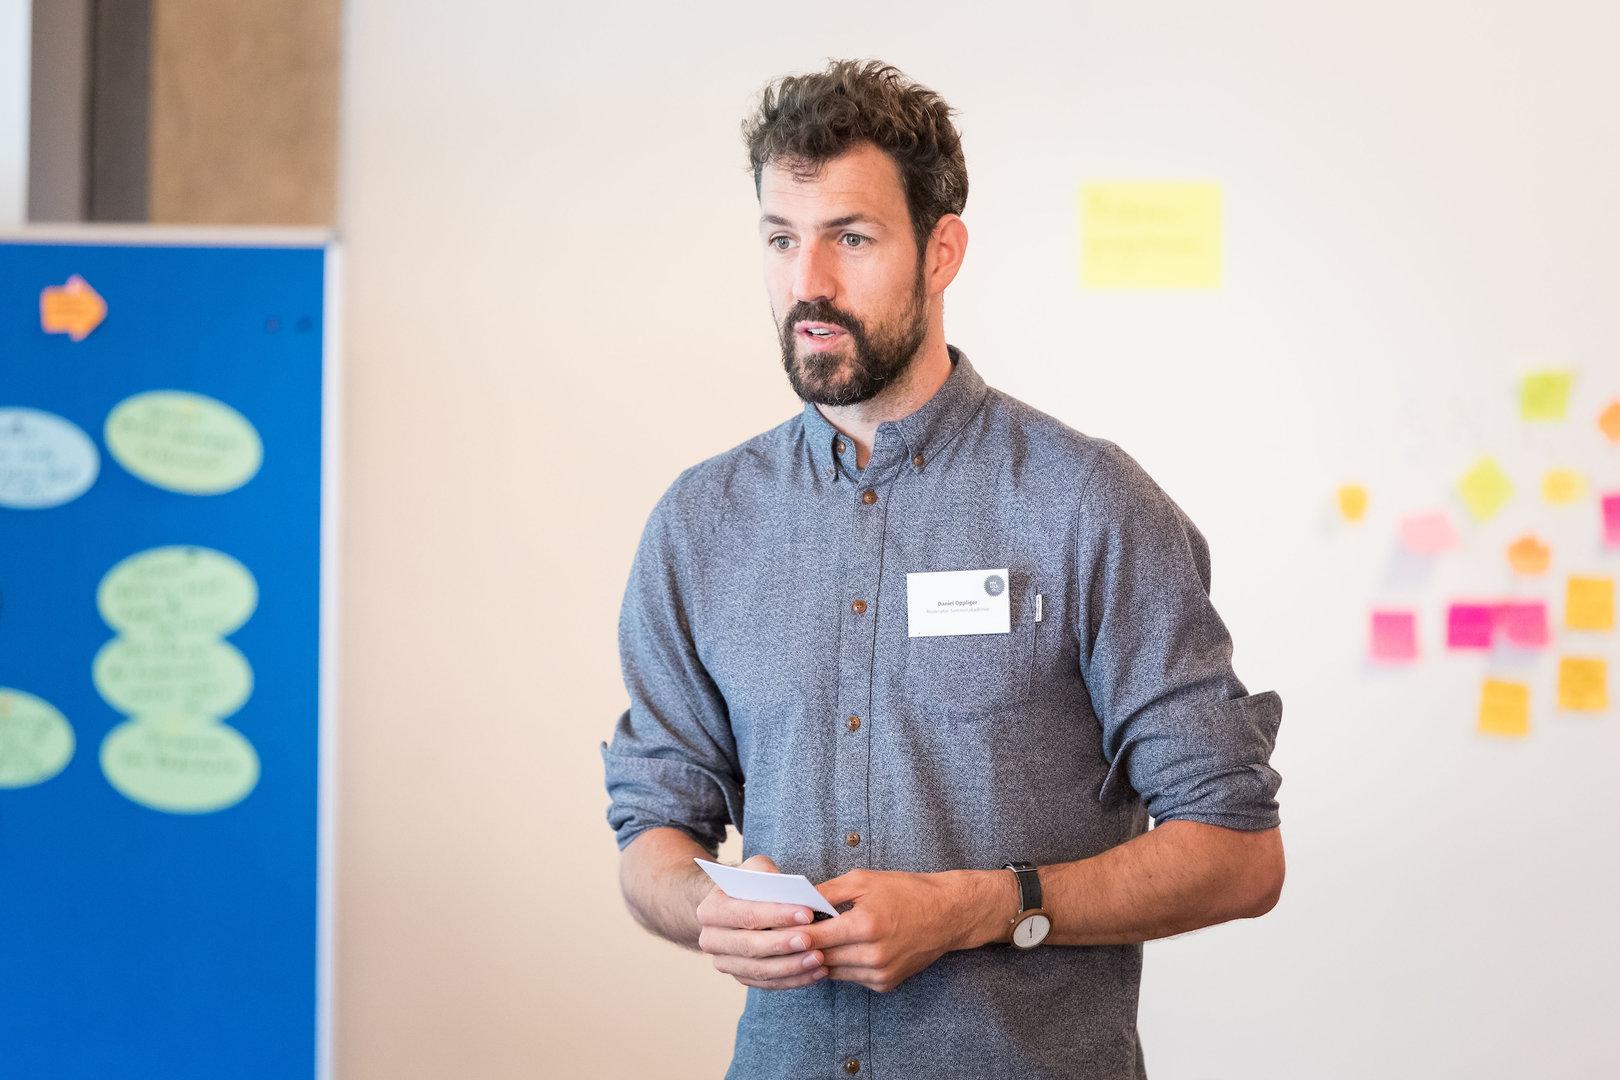 Daniel Oppliger, der die Akademie durch die Woche begleitete, beim Schlusswort.